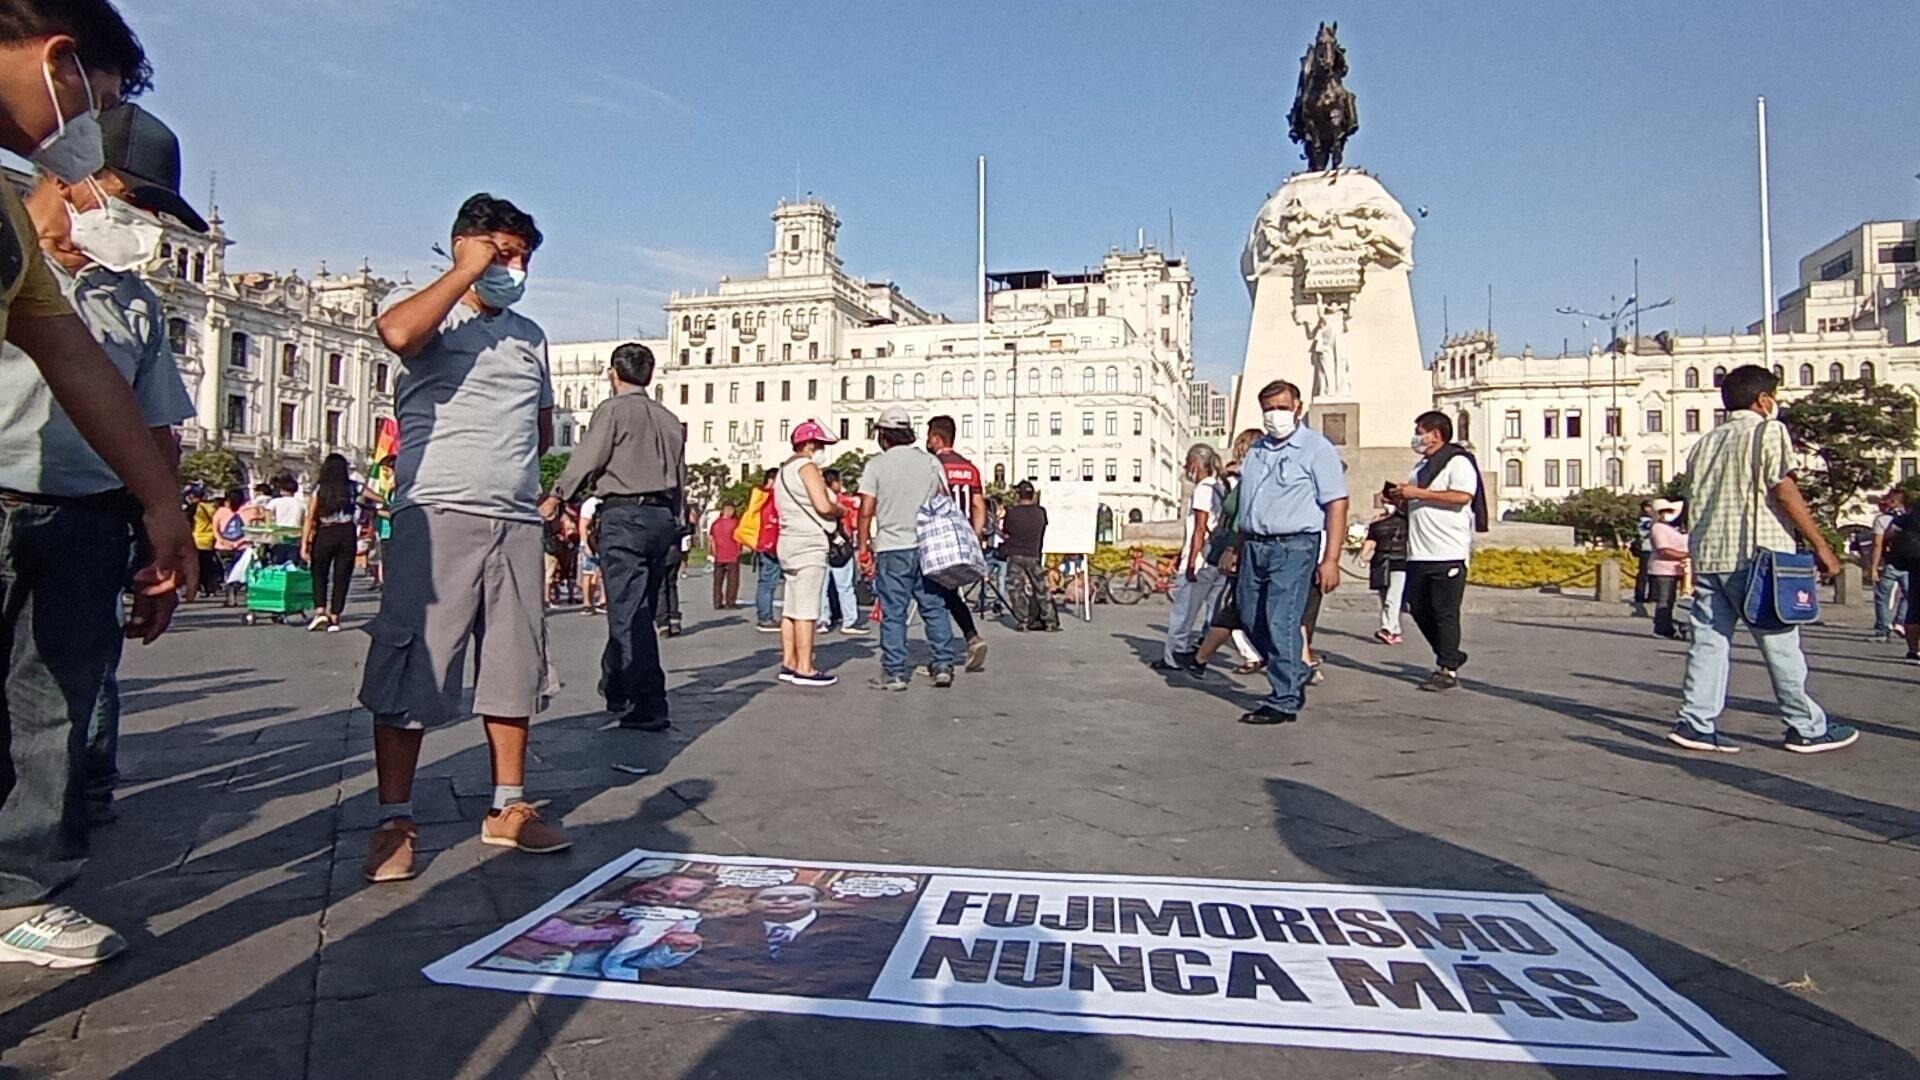 Movilización de los seguidores de Pedro Castillo en Lima - Sputnik Mundo, 1920, 30.04.2021